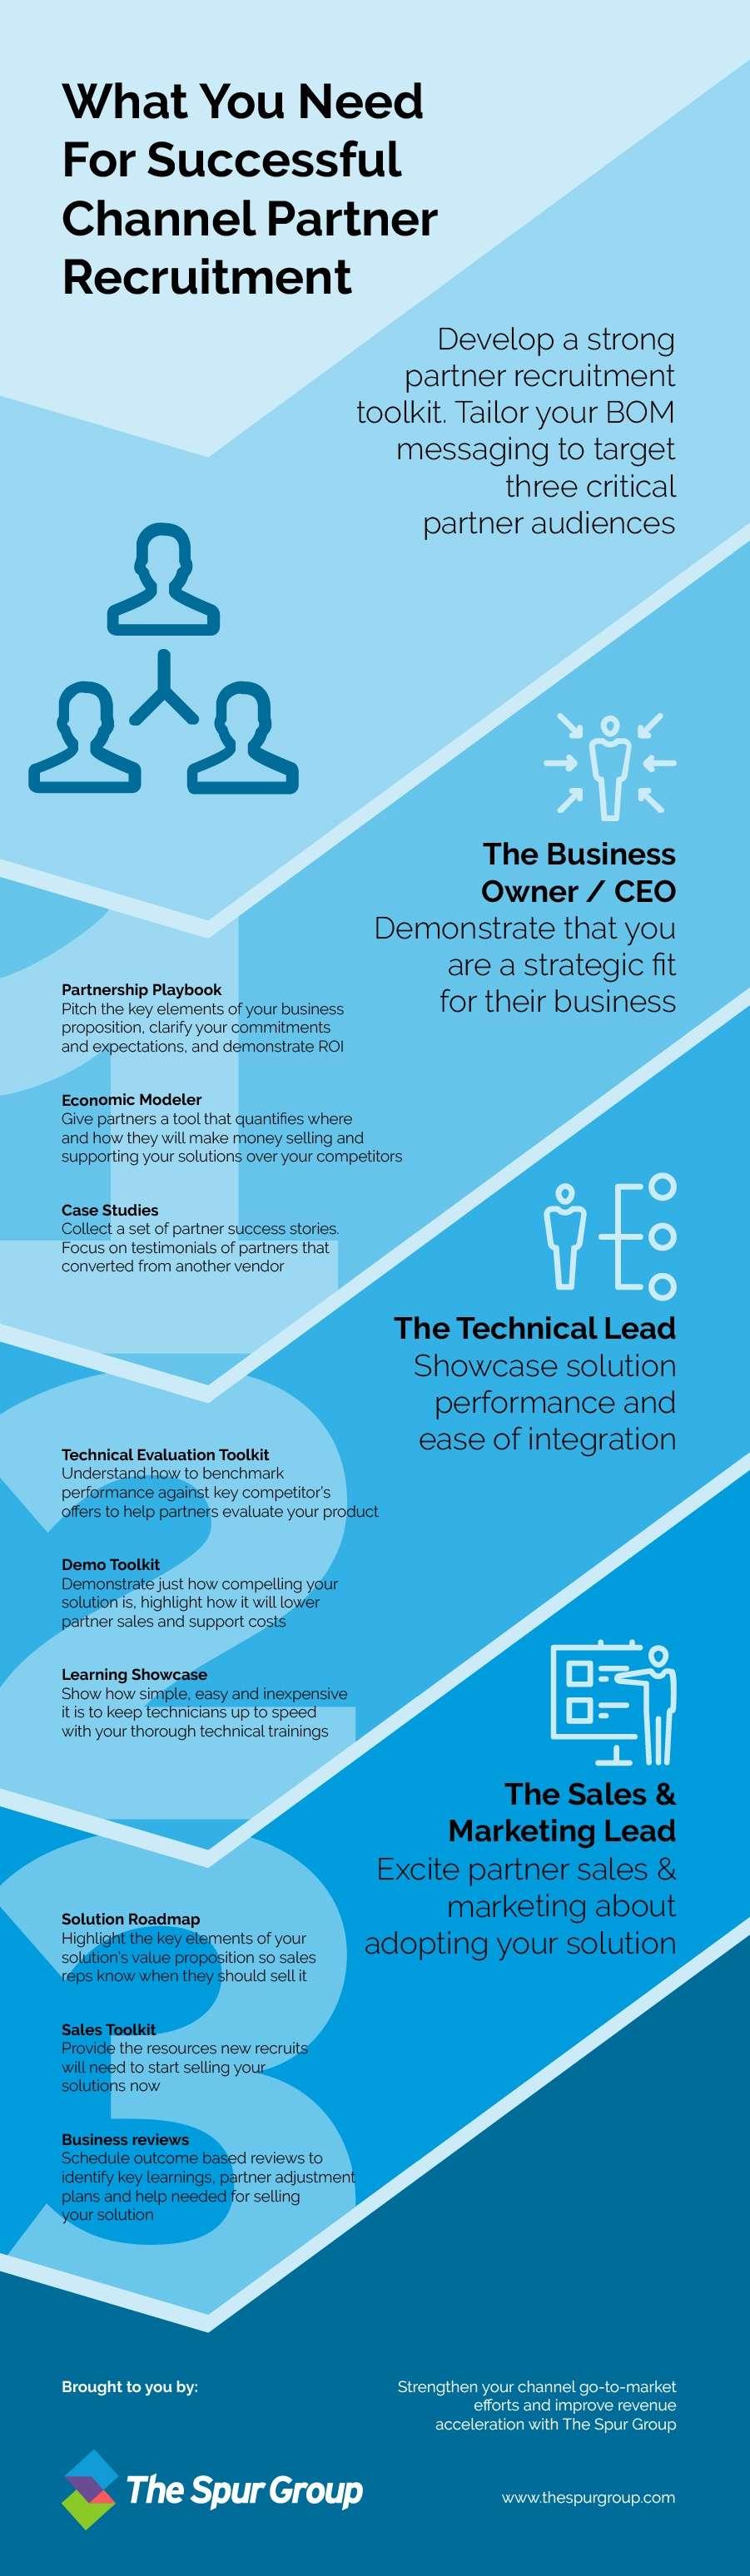 Channel Partner Recruitment BOM Infographic v5-01.jpg